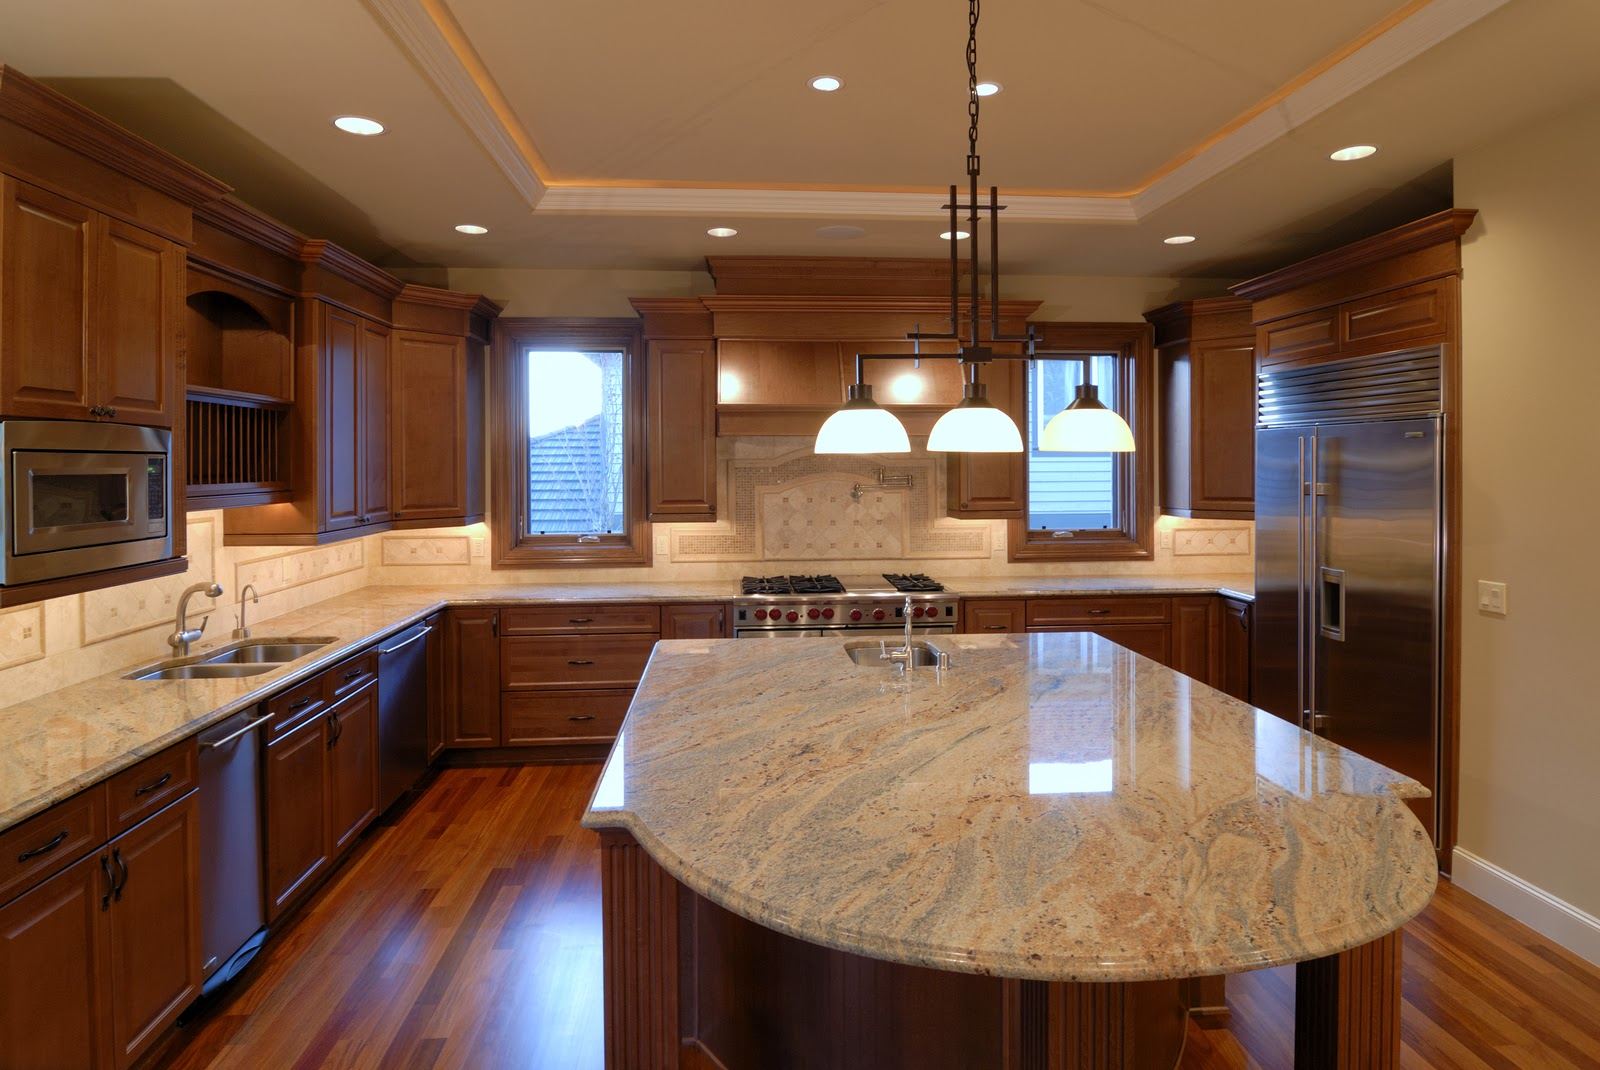 Pisos de granito maestro marmol - Marmoles de cocina ...